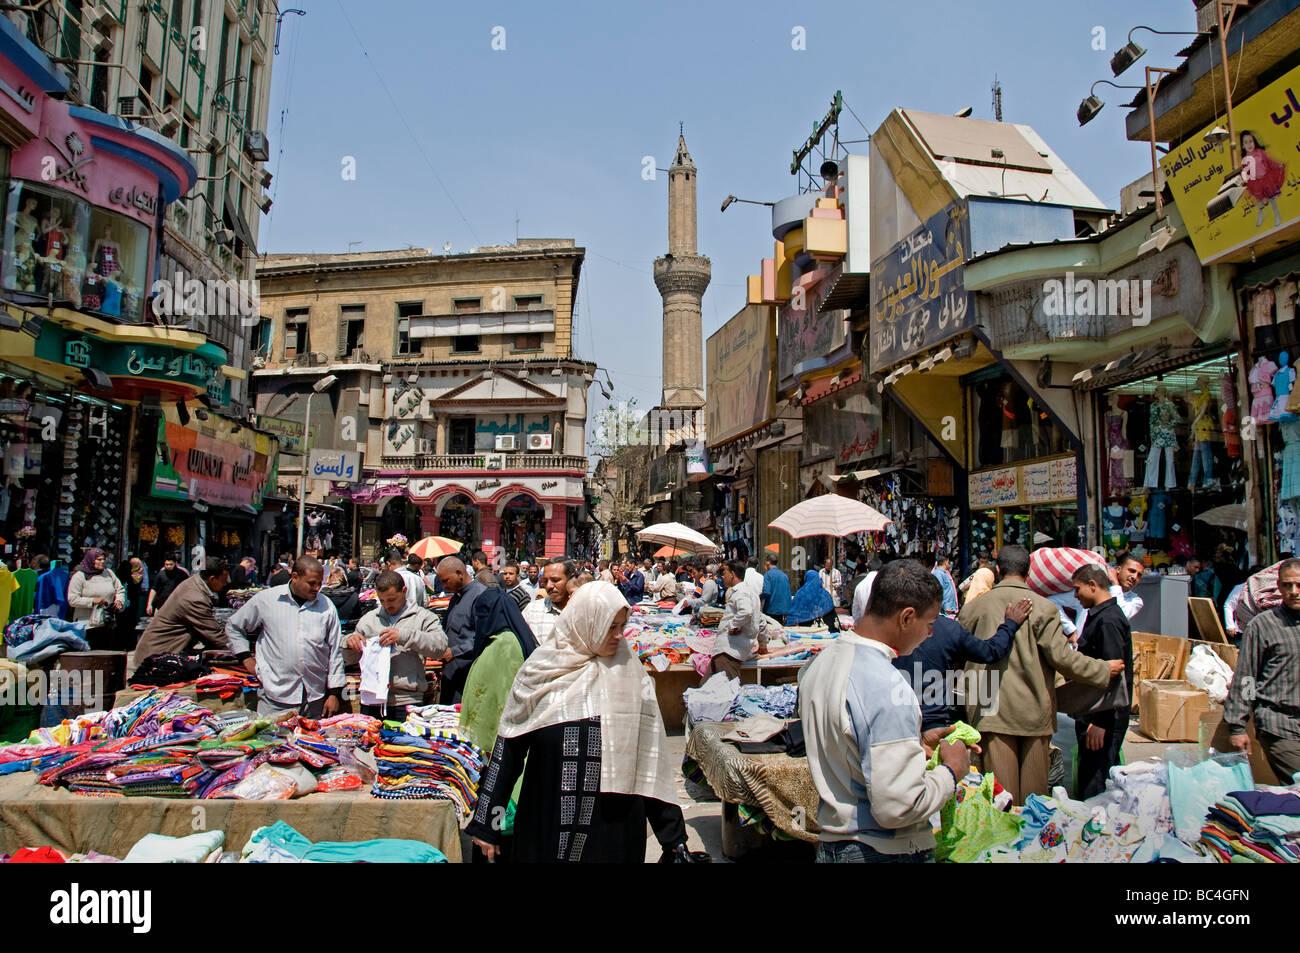 Khan El Khalili Islamic Cairo Egypt Bazaar Souk The Souk